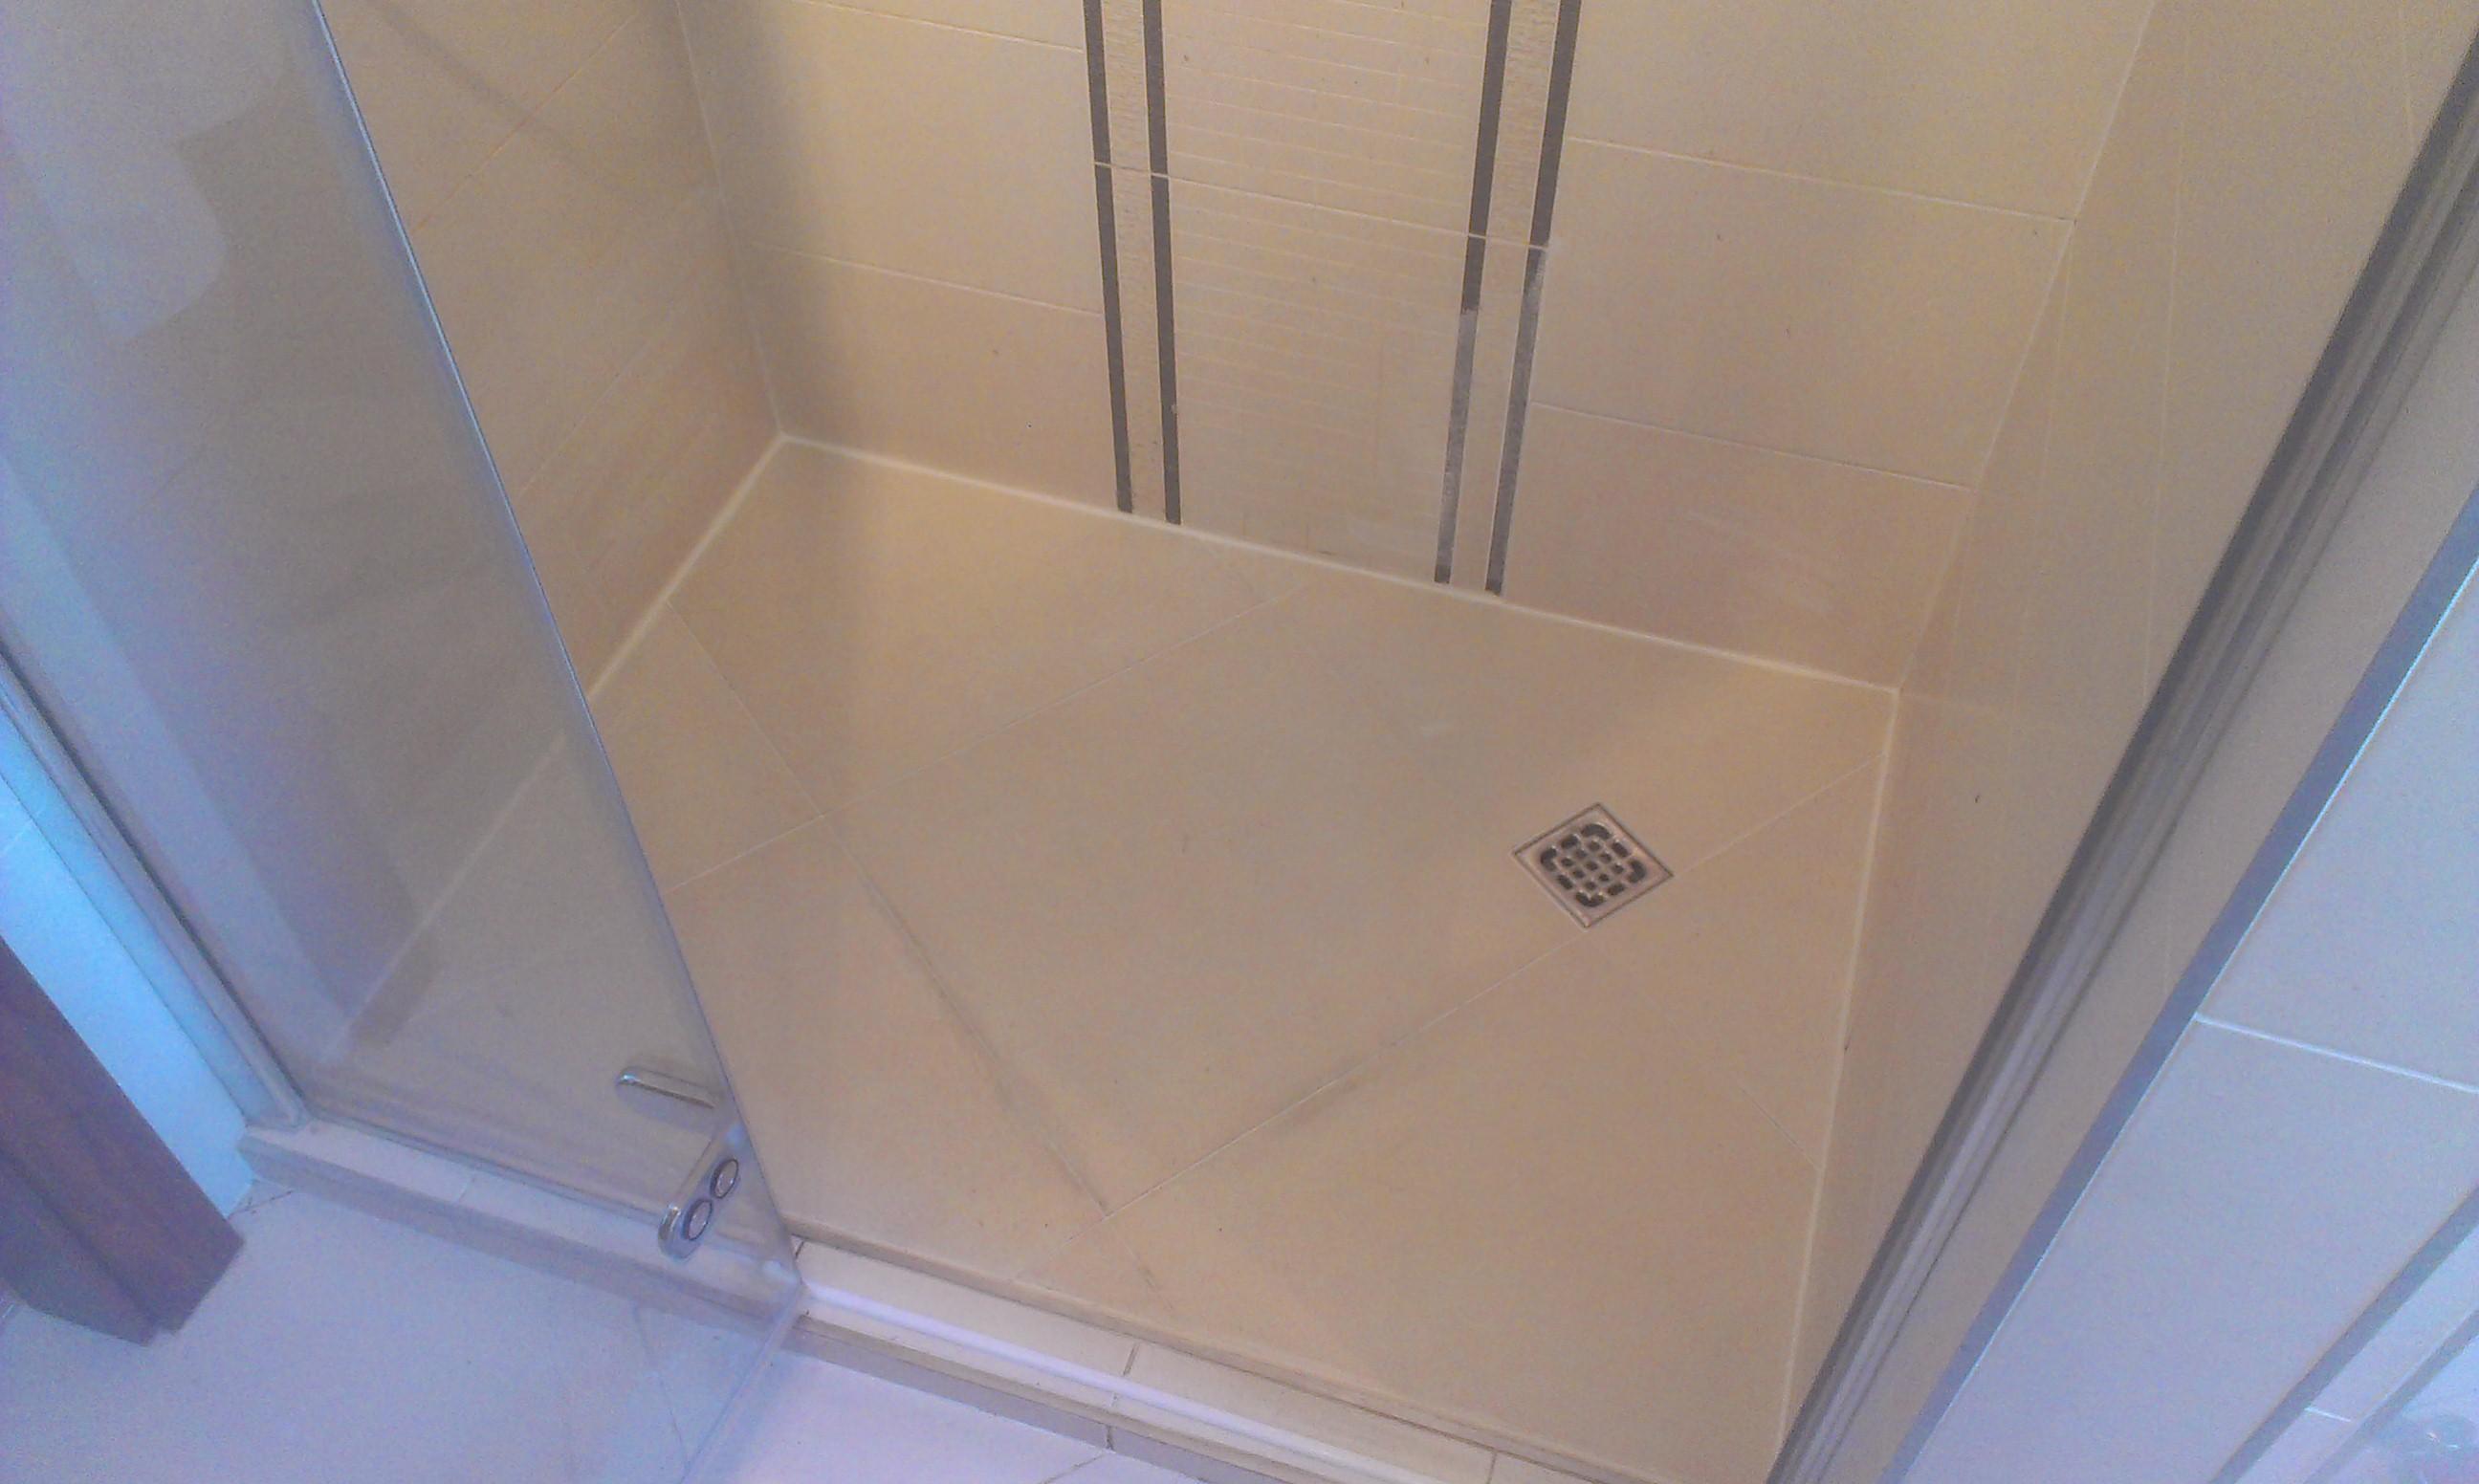 Výměna sprchové vaničky